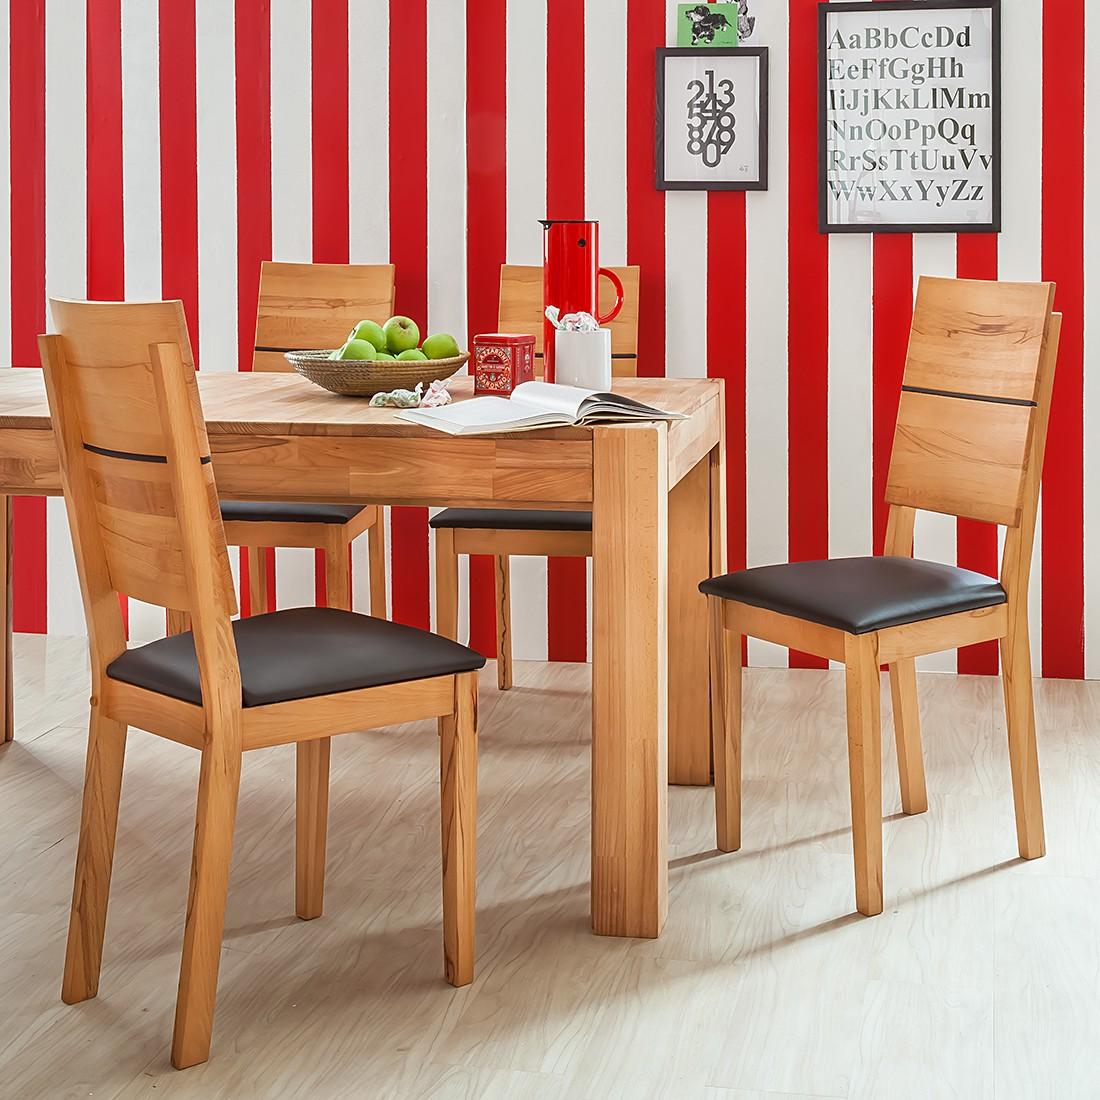 Amüsant Stühle Für Esstisch Sammlung Von